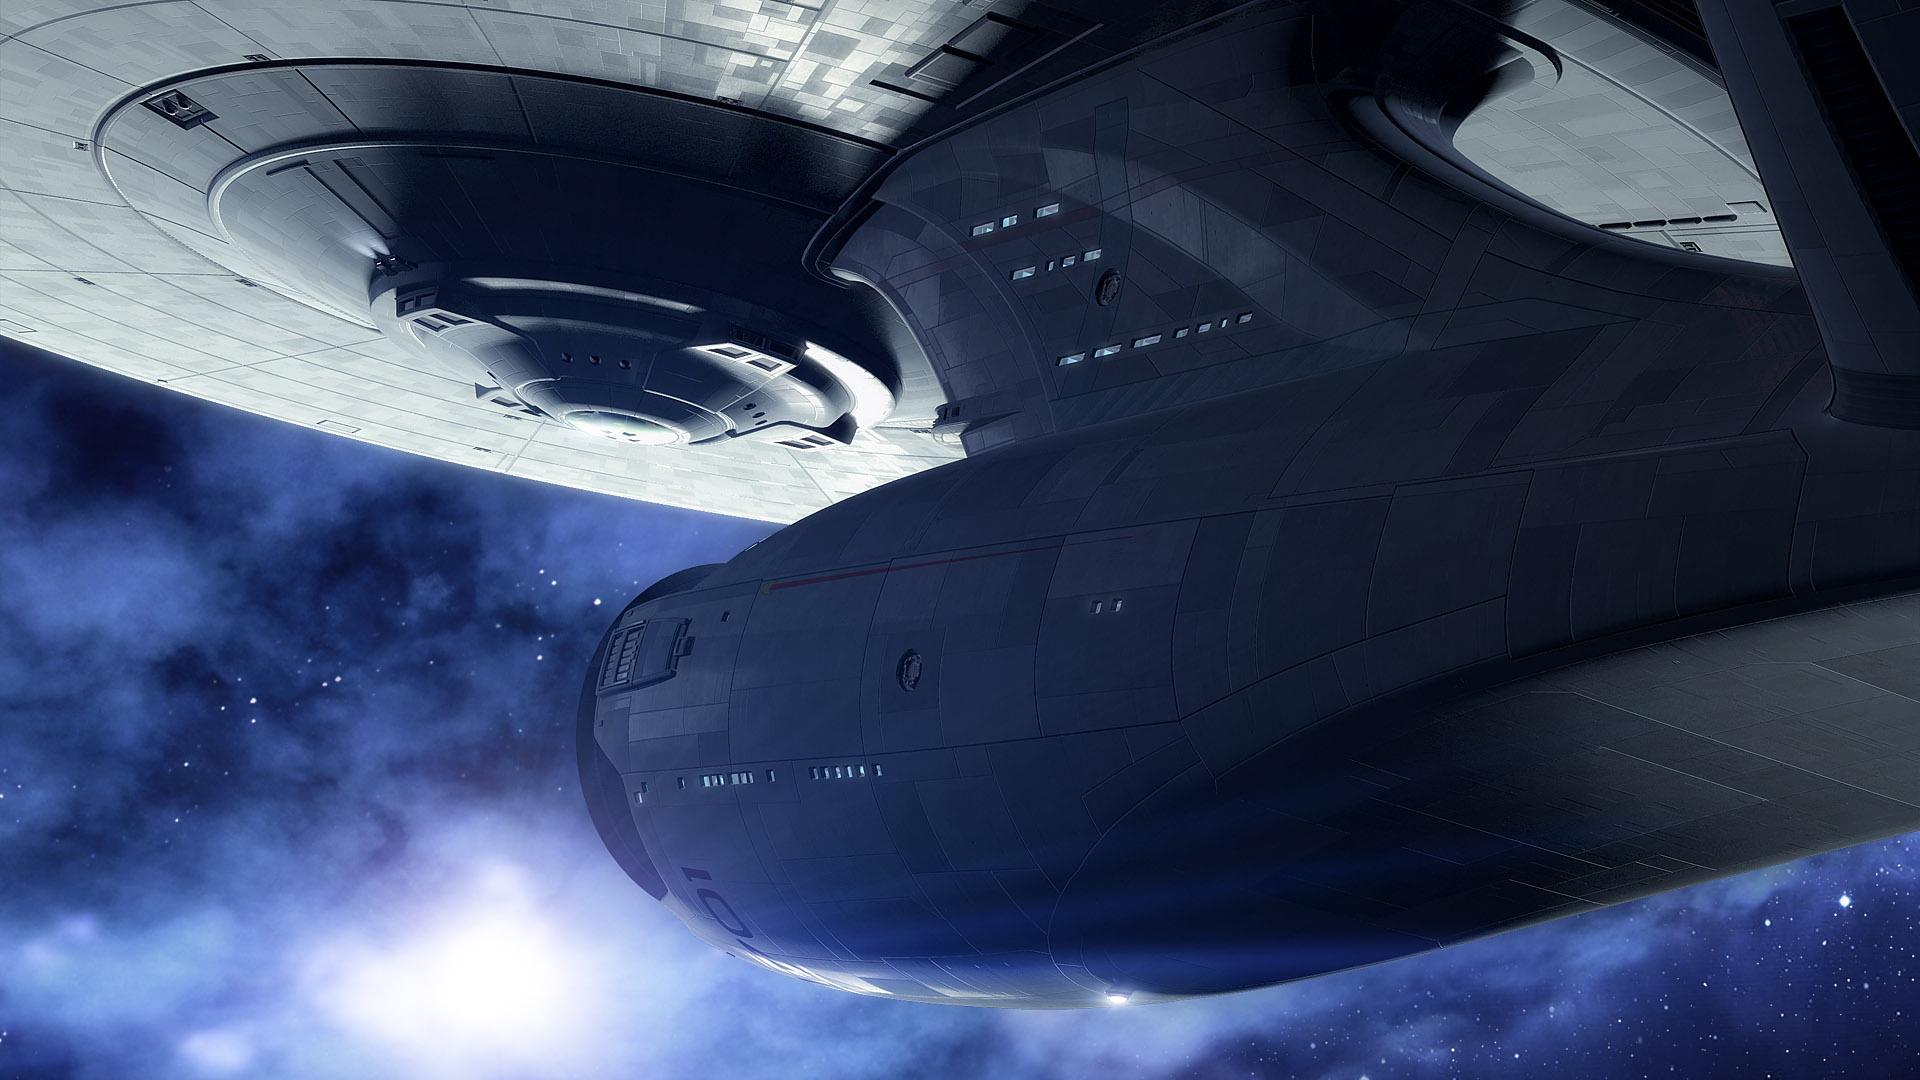 Imagen Del Uss Enterprise En Una Película De Star Trek En Hd